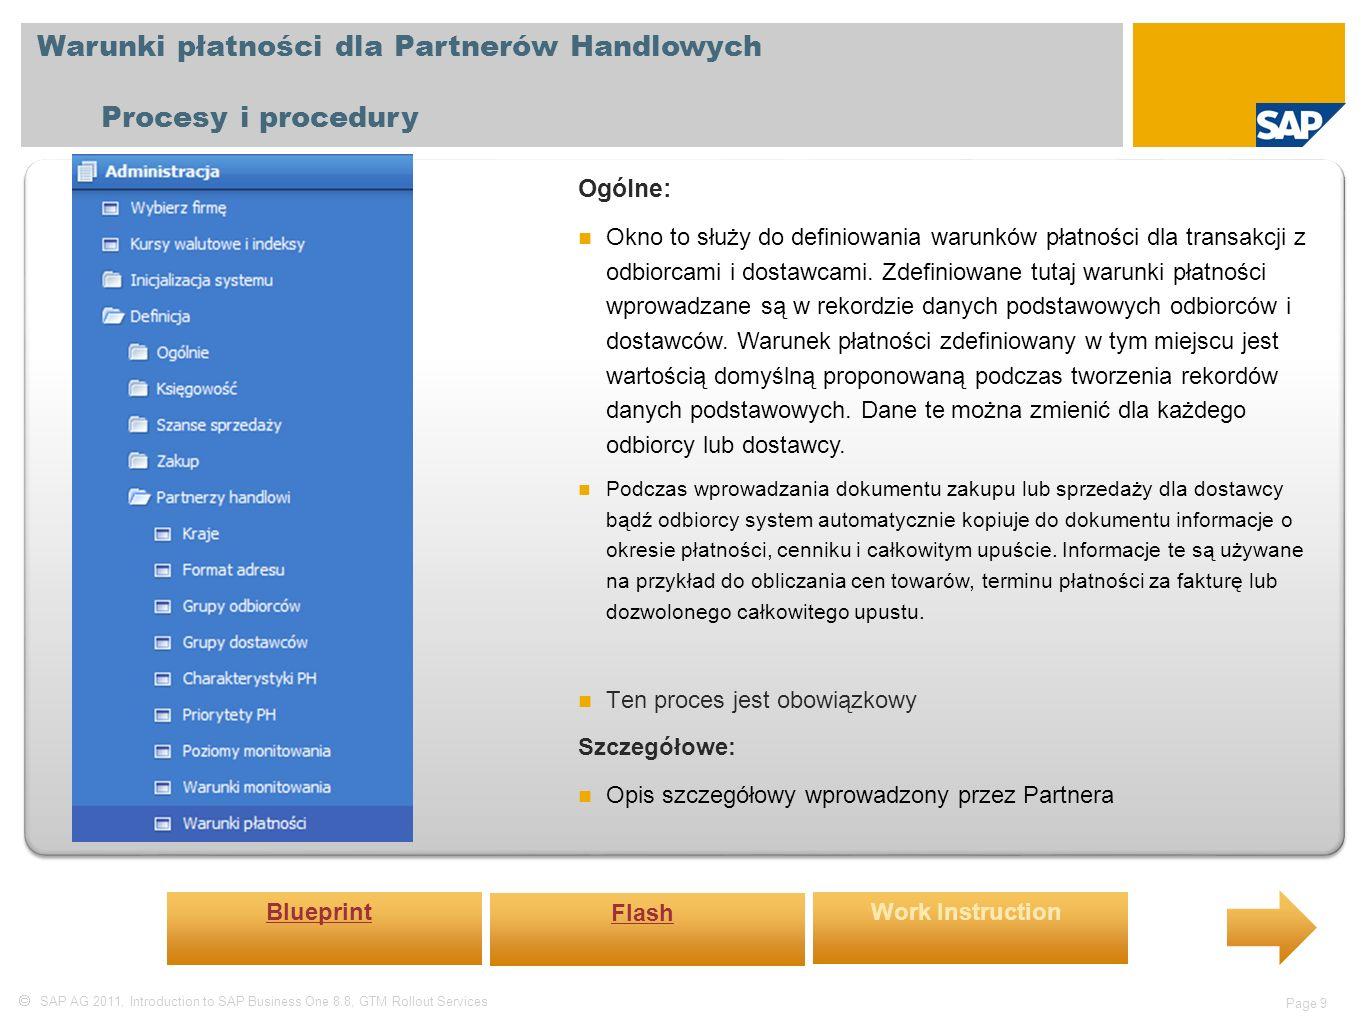  SAP AG 2011, Introduction to SAP Business One 8.8, GTM Rollout Services Page 10 Blokady płatności dla Partnerów Handlowych Procesy i procedury Ogólne: Podczas korzystania z Kreatora płatności w celu automatycznego utworzenia płatności przychodzących oraz wychodzących może zajść potrzeba wykluczenia określonego partnera handlowego z przebiegu płatności.